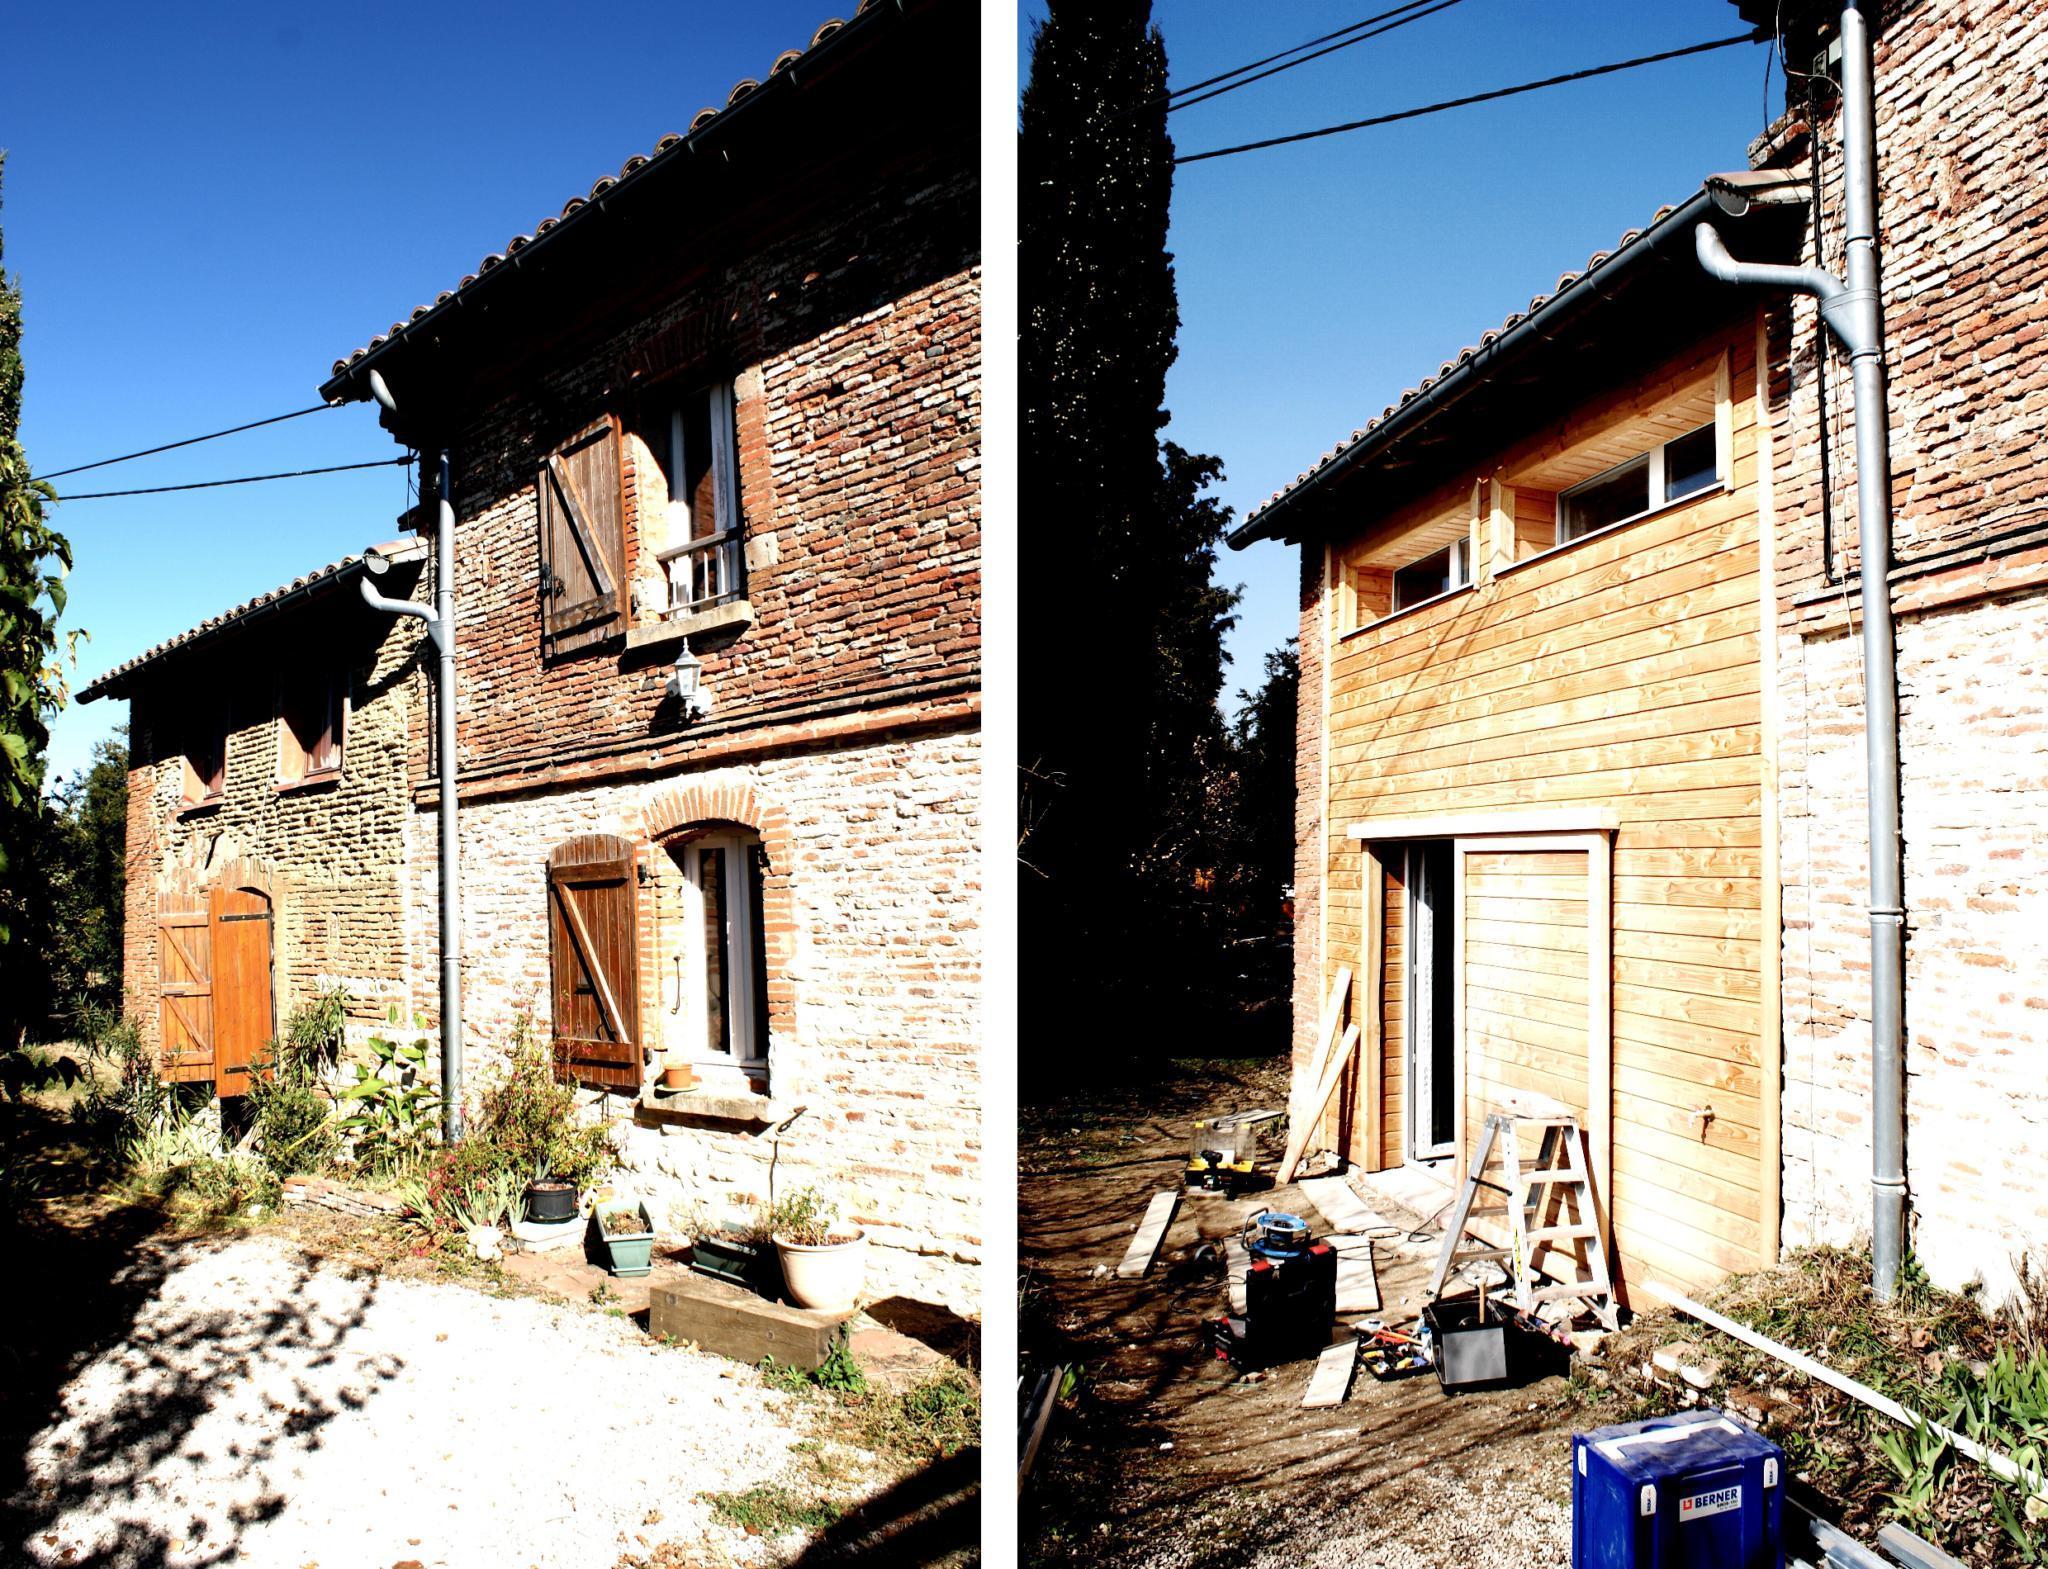 Installer vmc maison ancienne aration els duhelios for Vmc dans maison ancienne